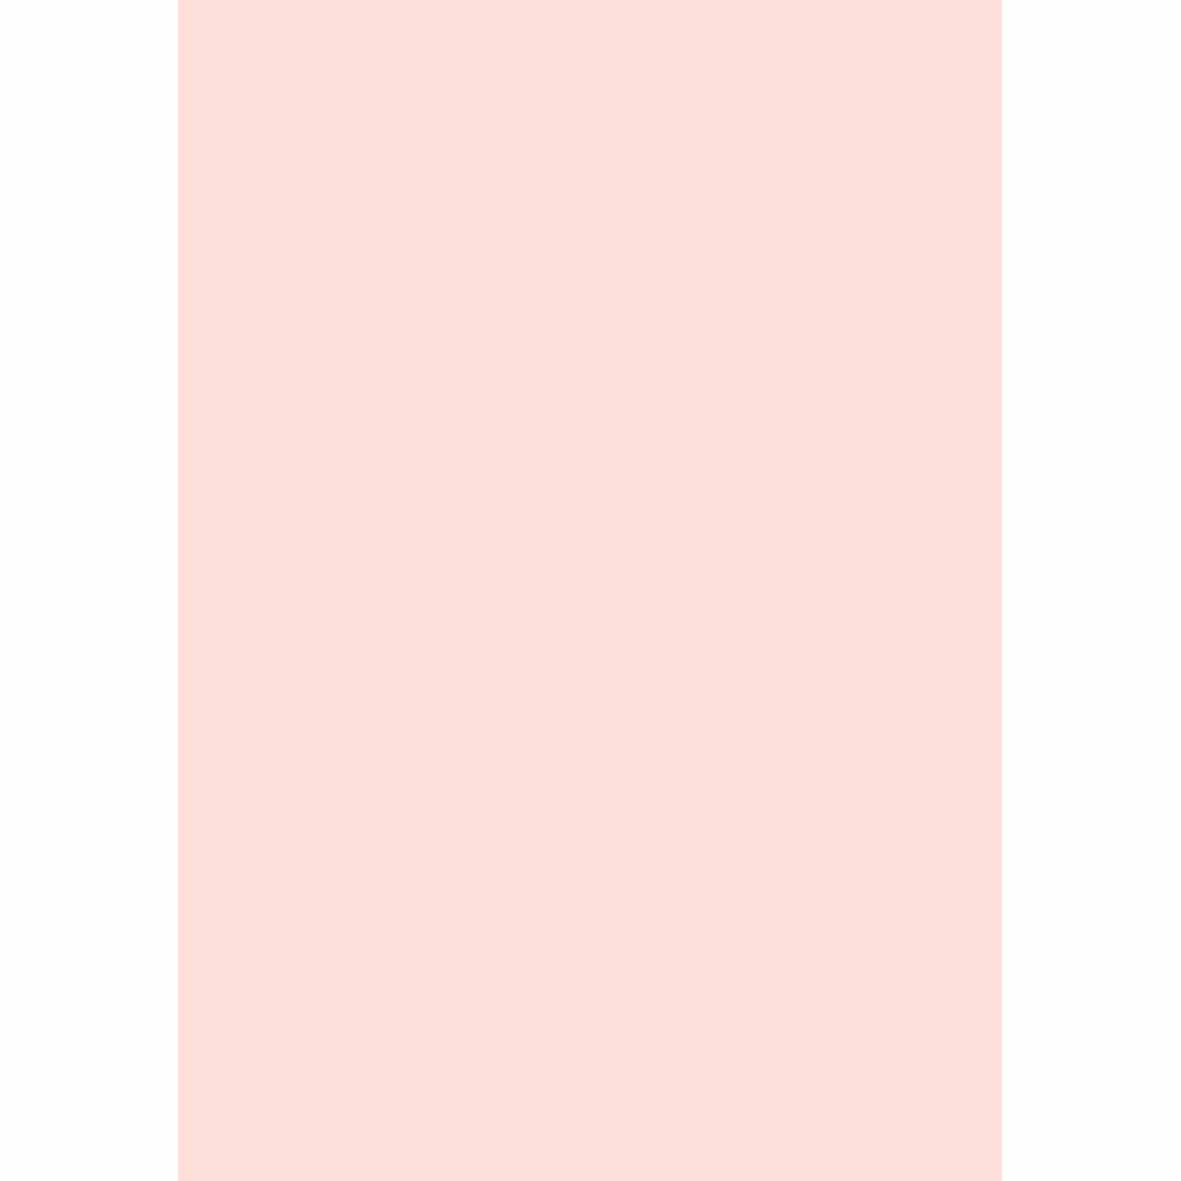 Sfondi Colore Rosa Pastello Sfondi